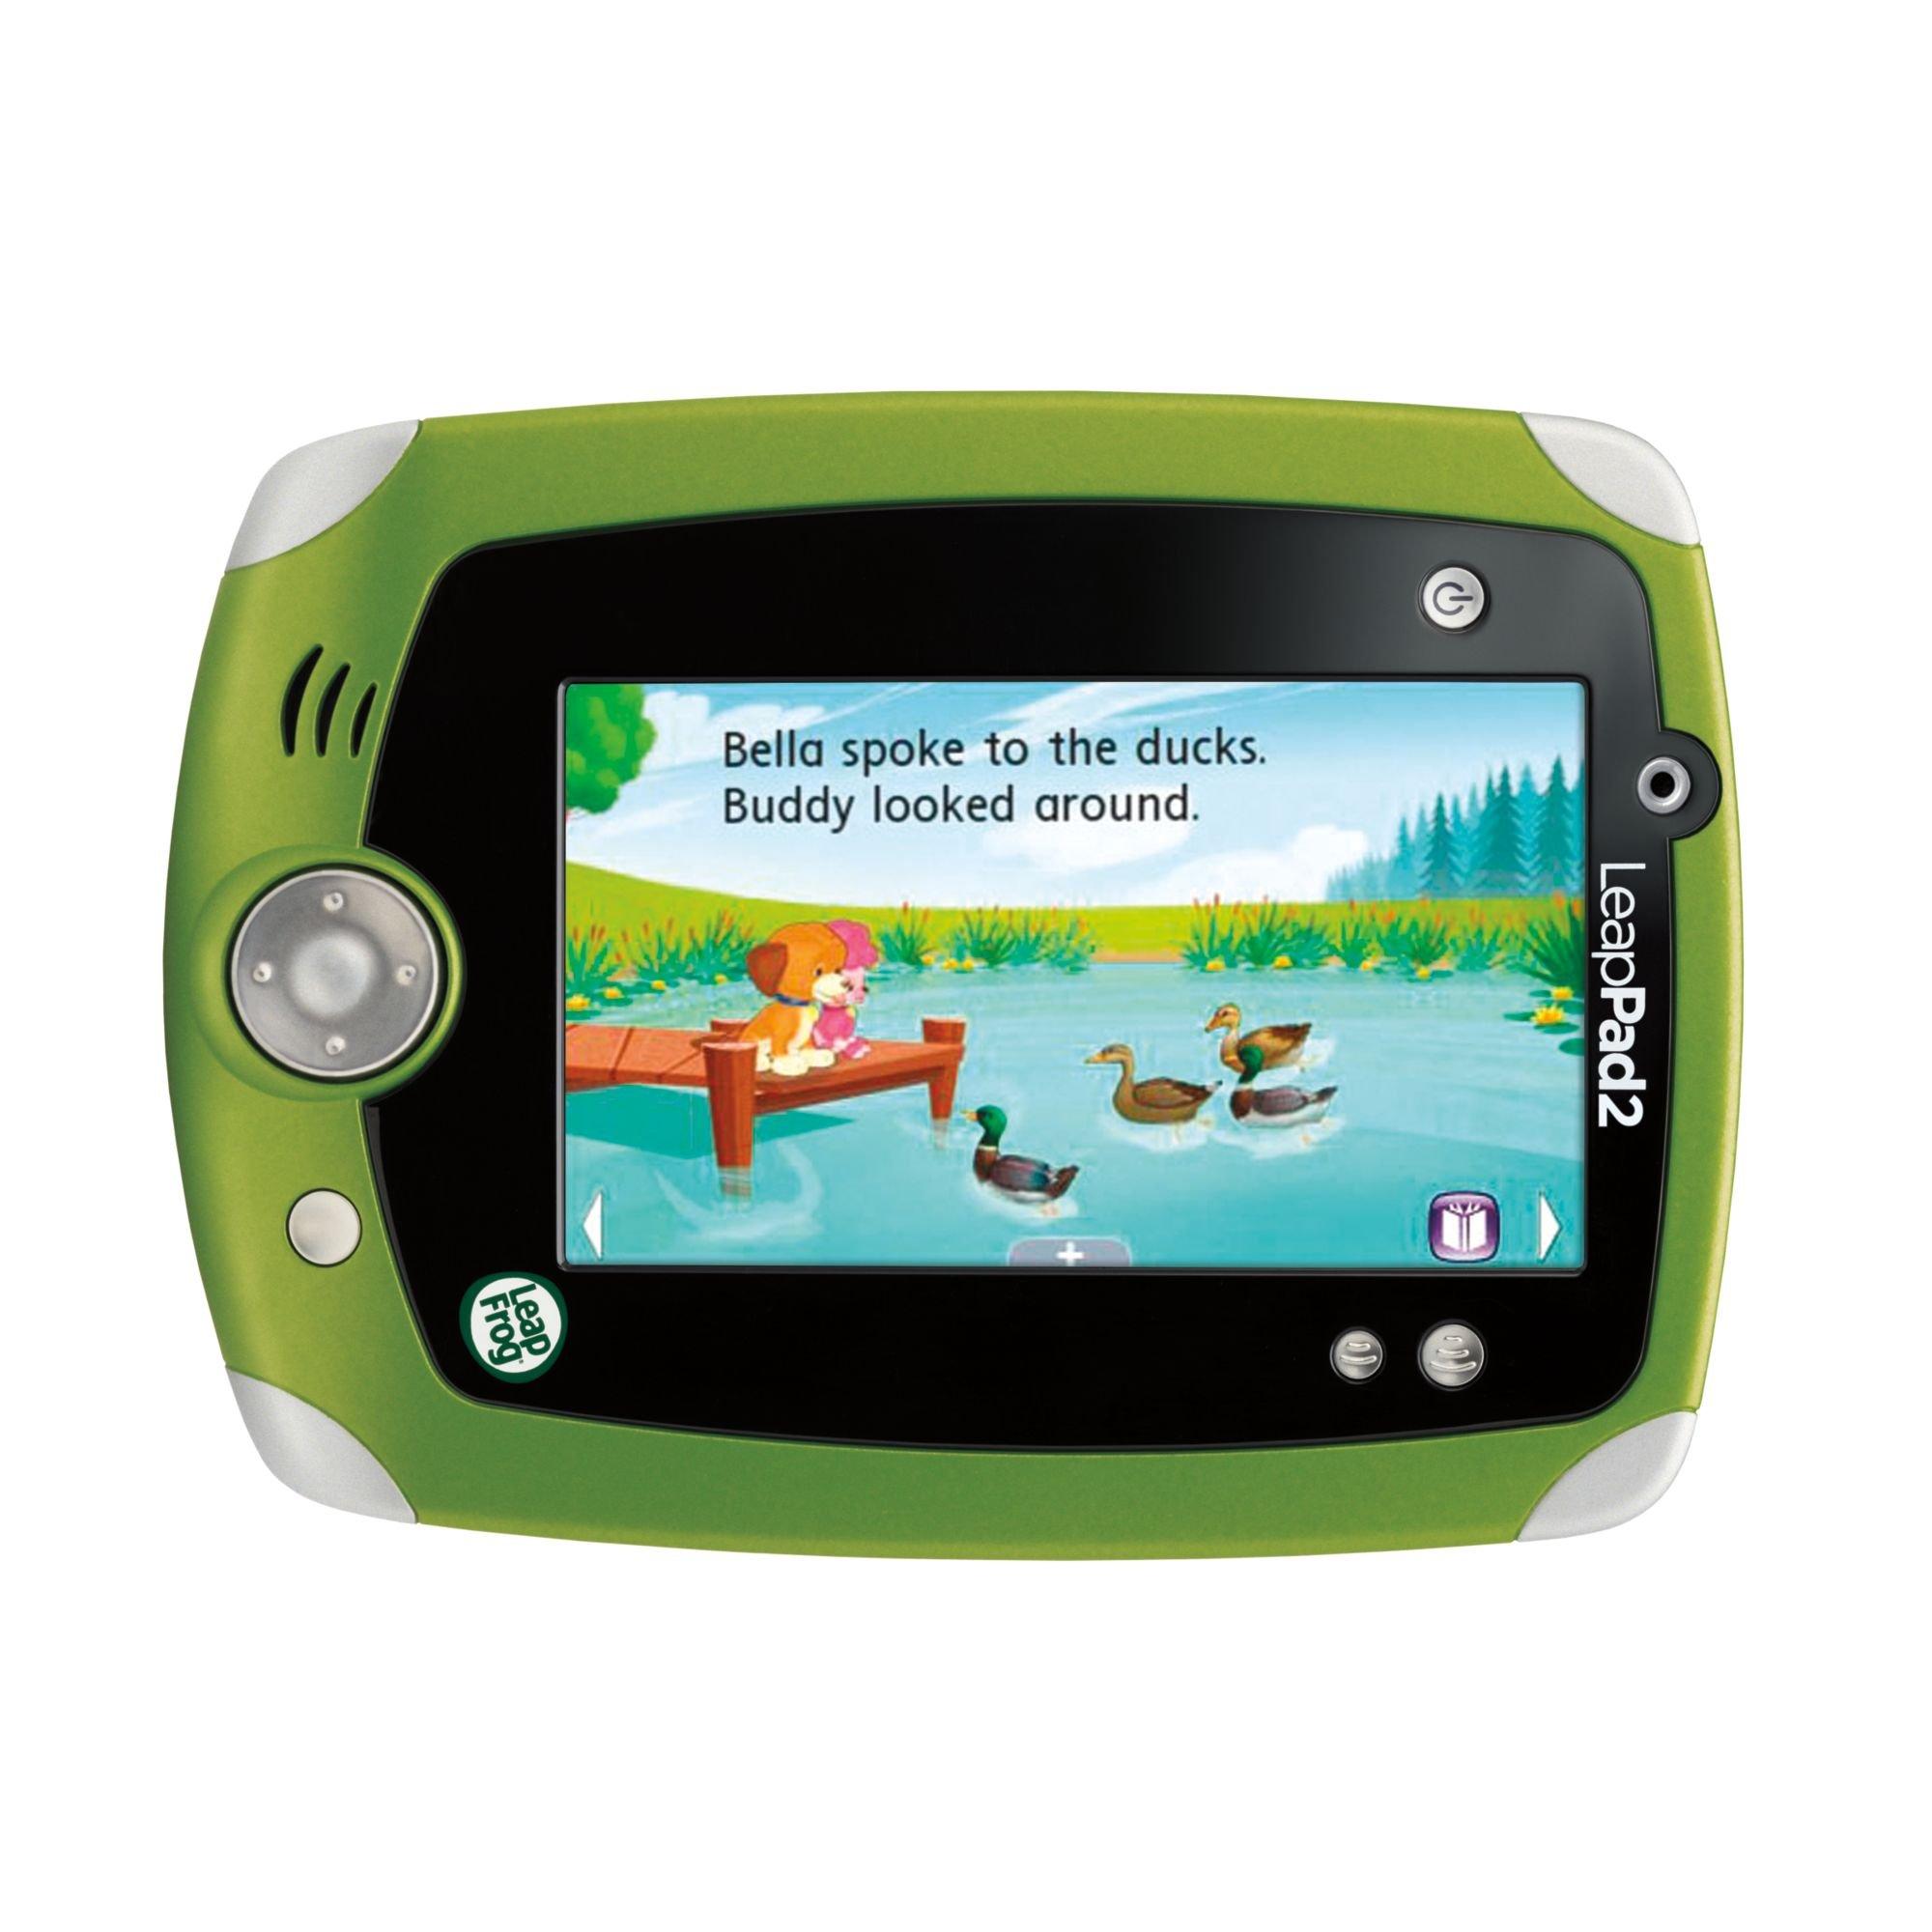 LeapFrog LeapPad2 Explorer Kids' Learning Tablet, Green by LeapFrog (Image #7)